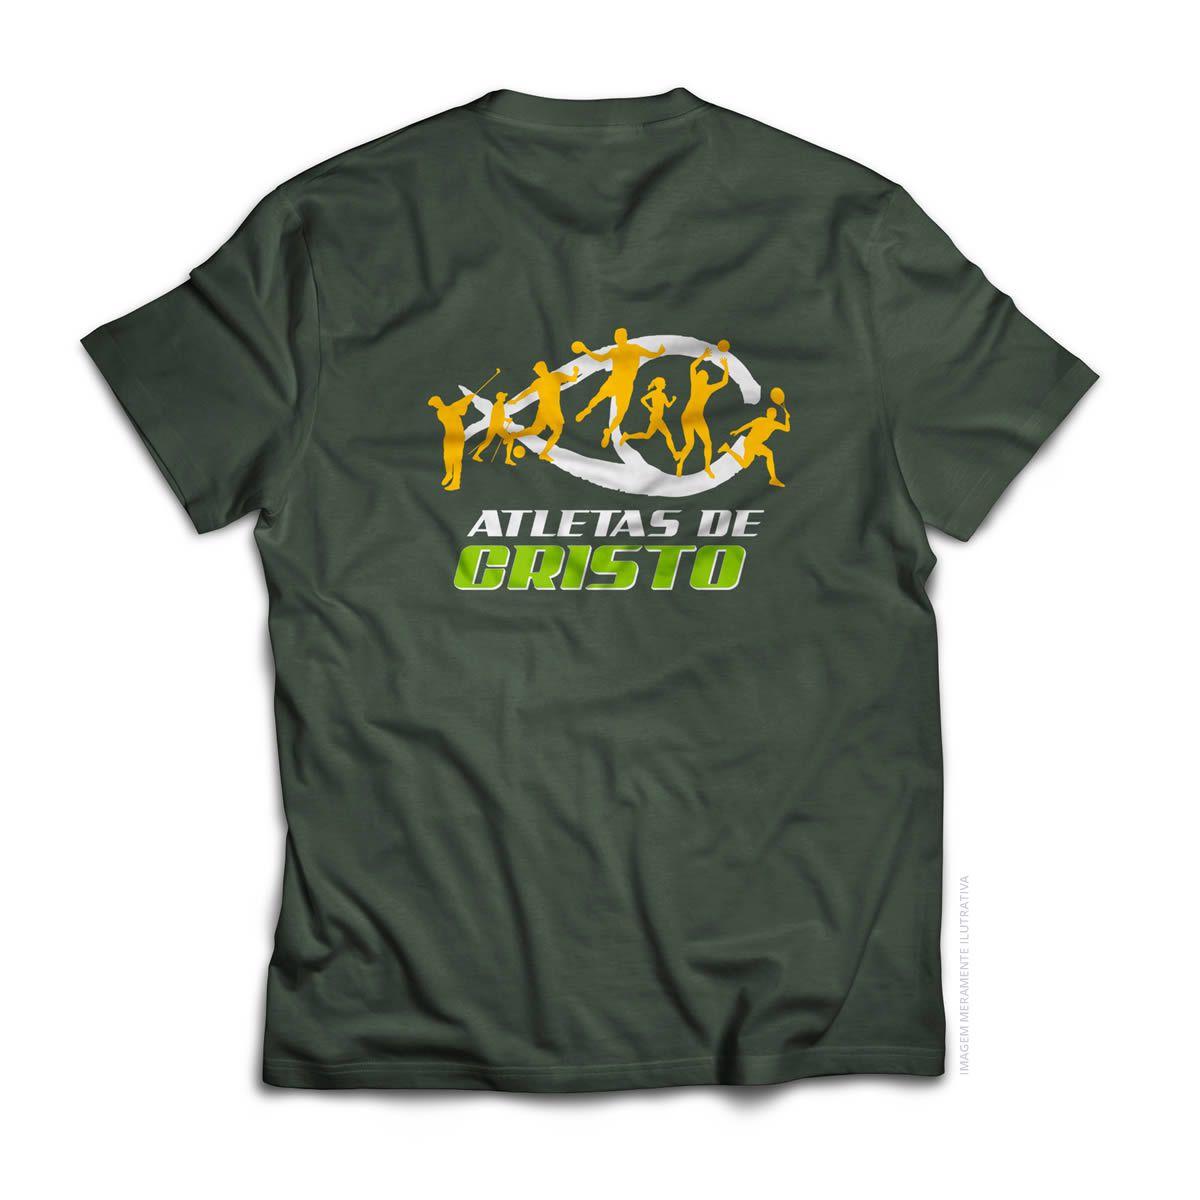 Camiseta Kappa - Atletas de Cristo